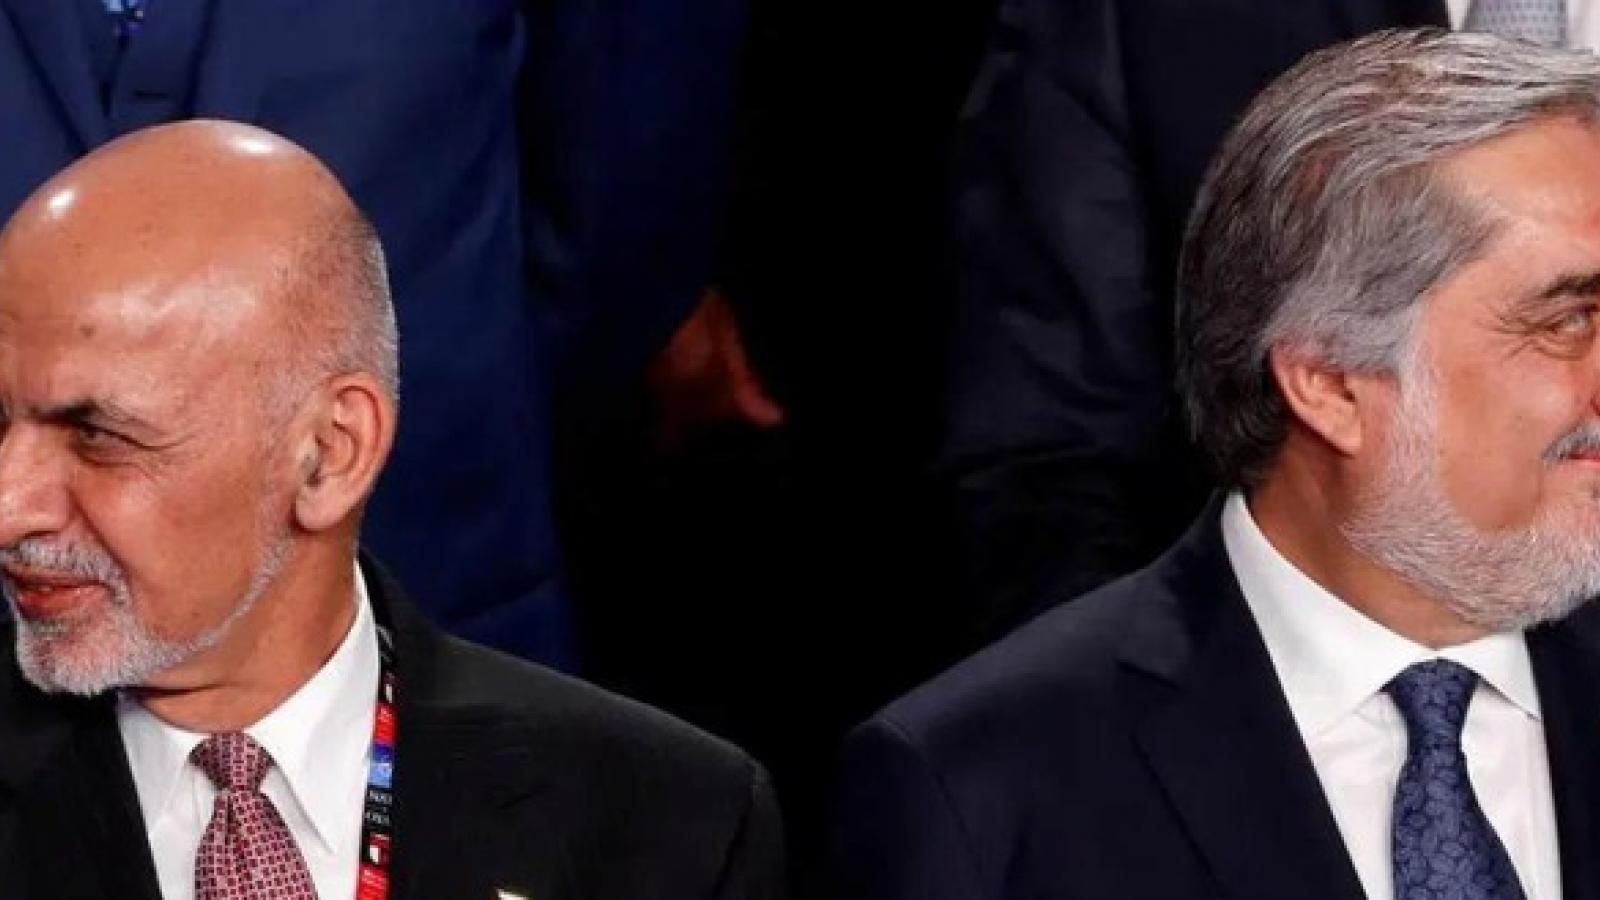 Giới lãnh đạo Afghanistan sắp hóa giải được bất đồng